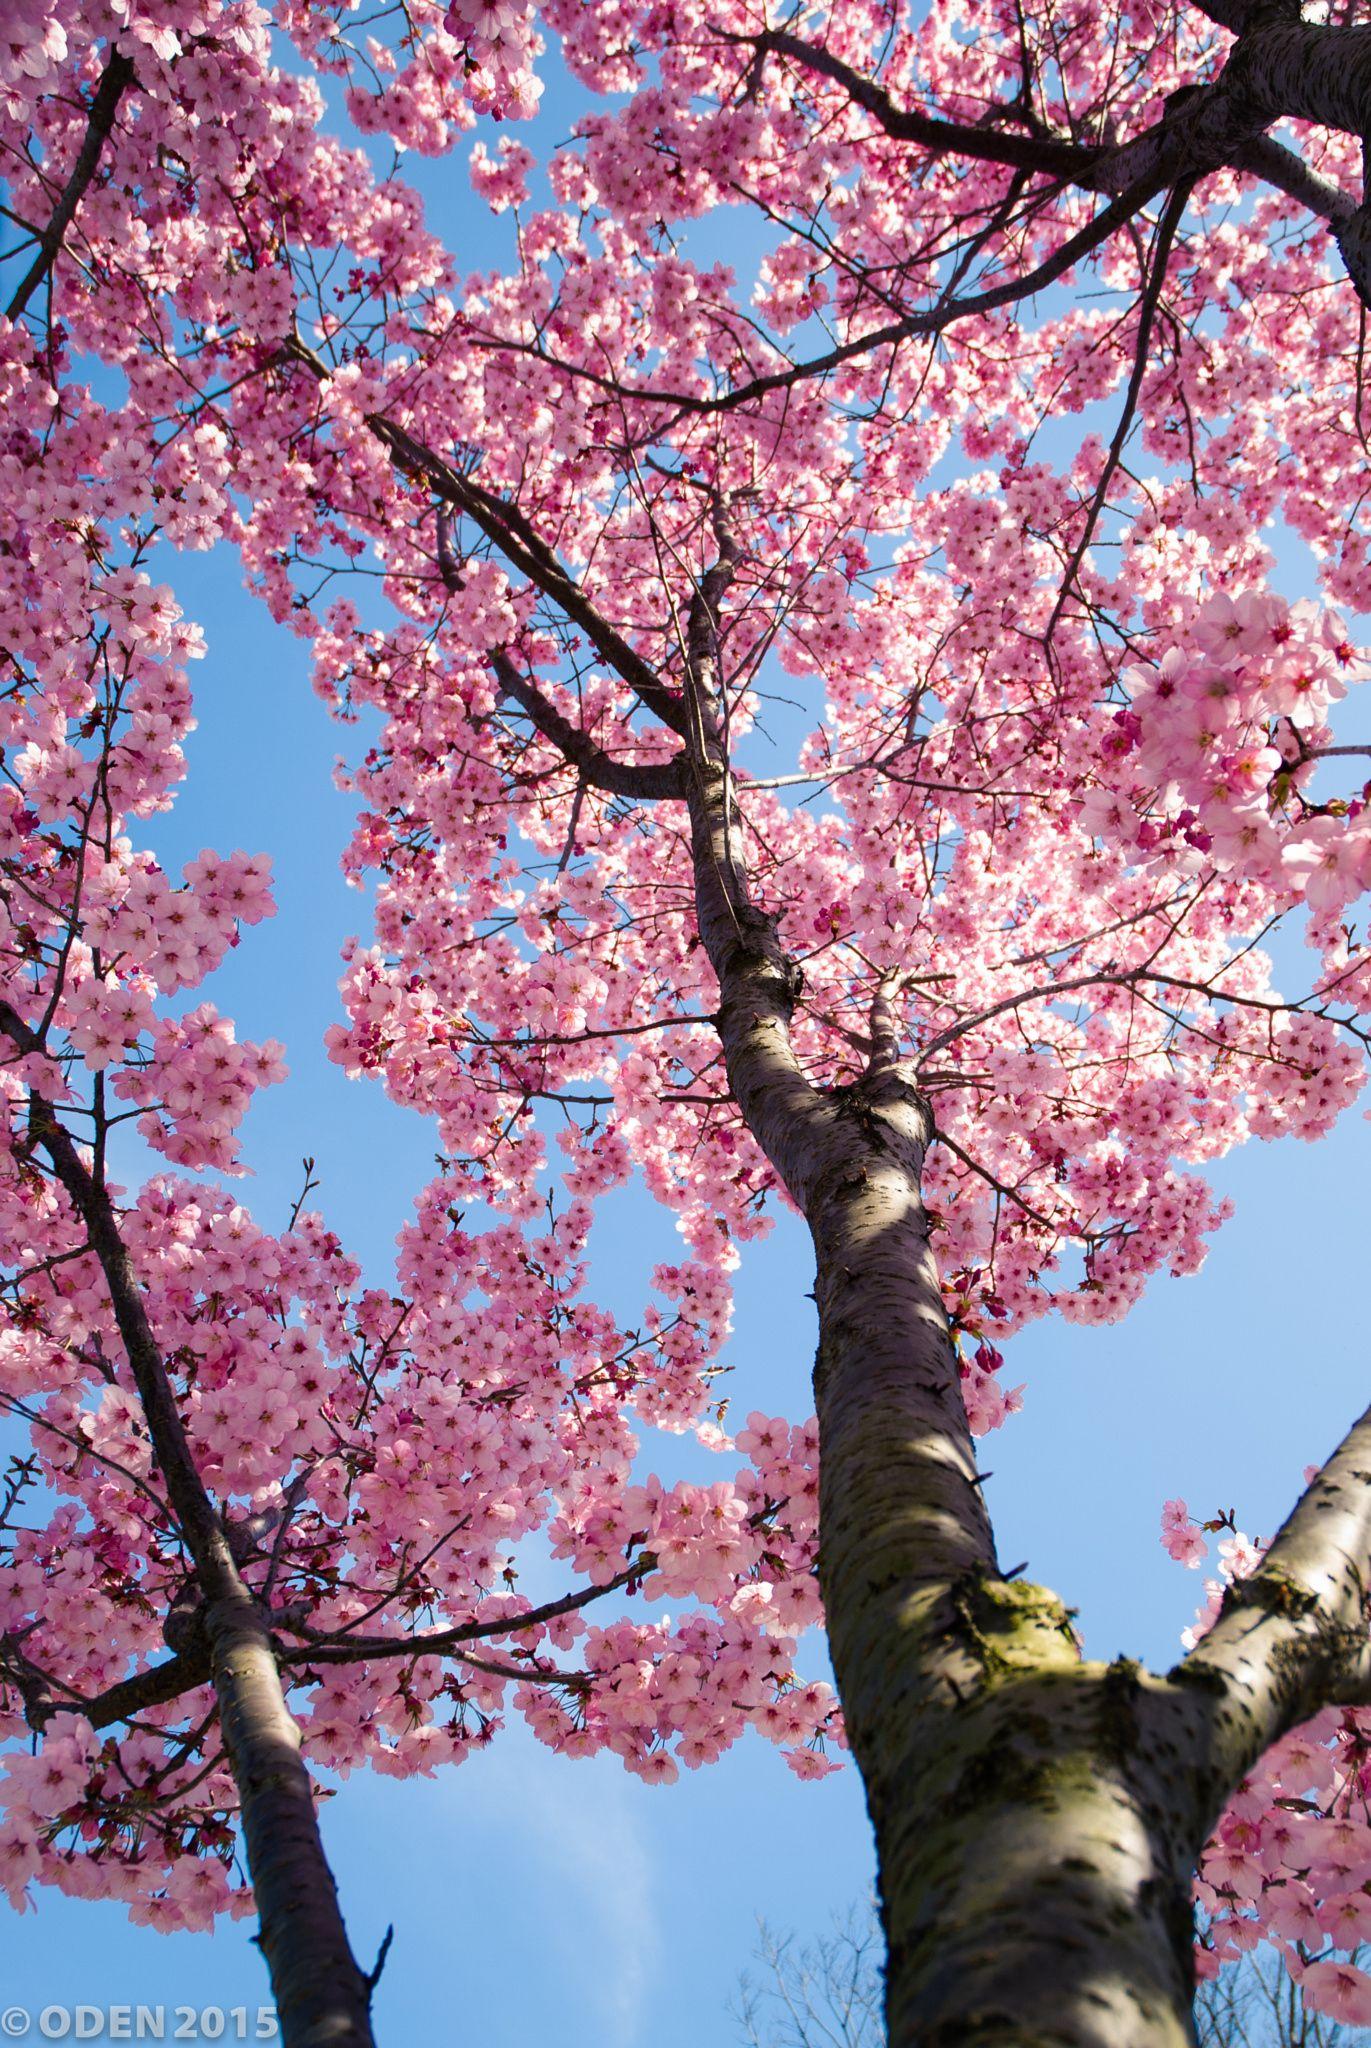 Sakura In The Sky Cherry Blossom Wallpaper Beautiful Nature Wallpaper Nature Flowers